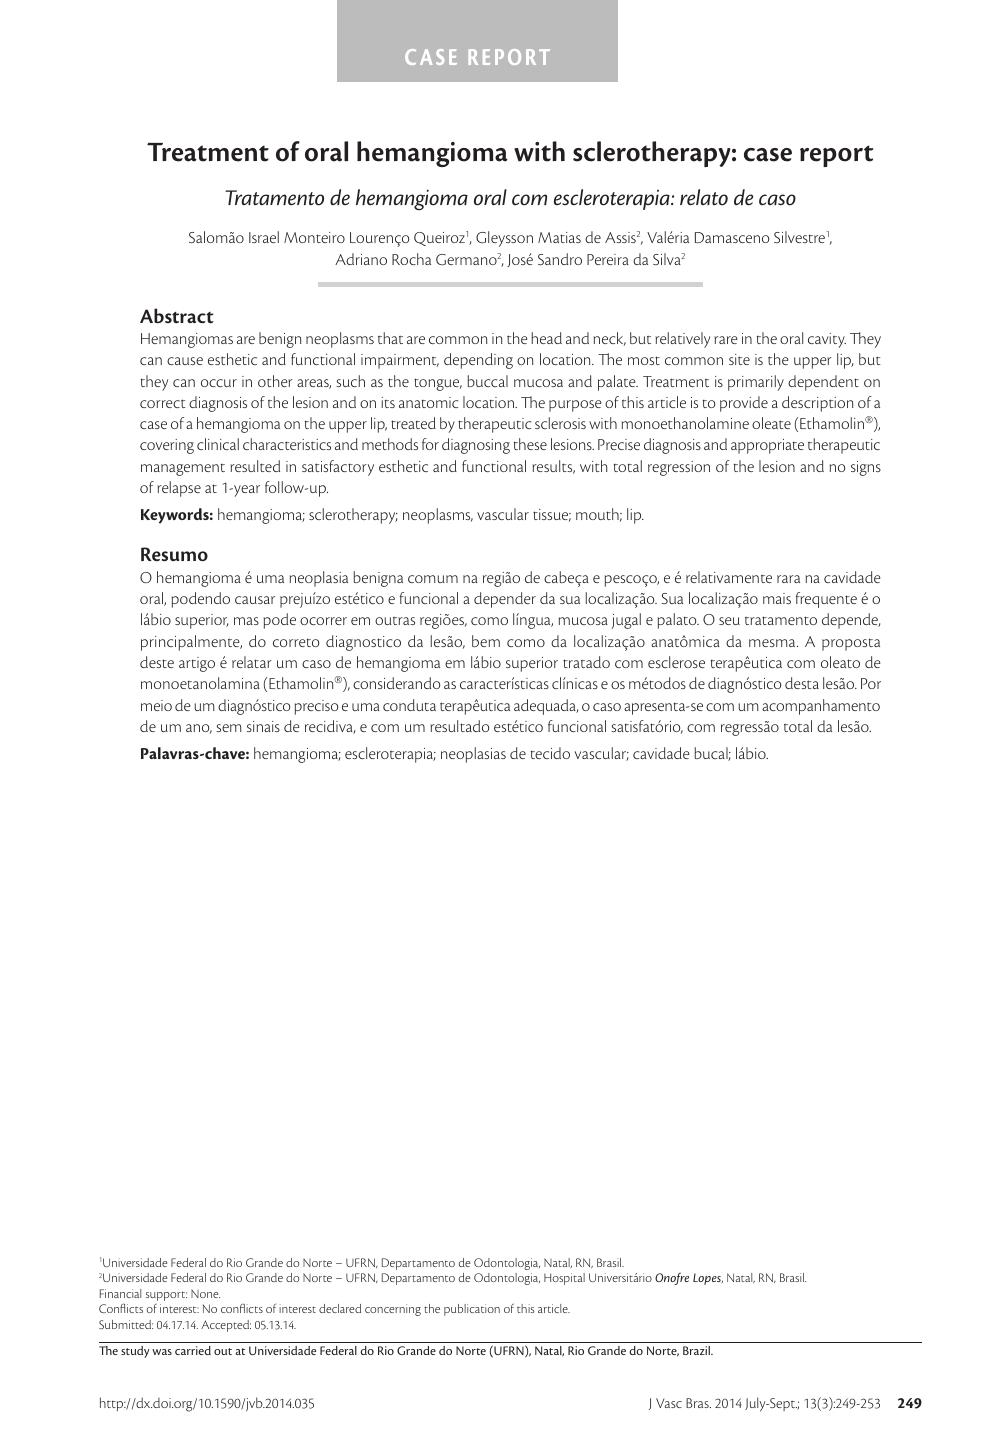 oral hemangioma or vascular malformation